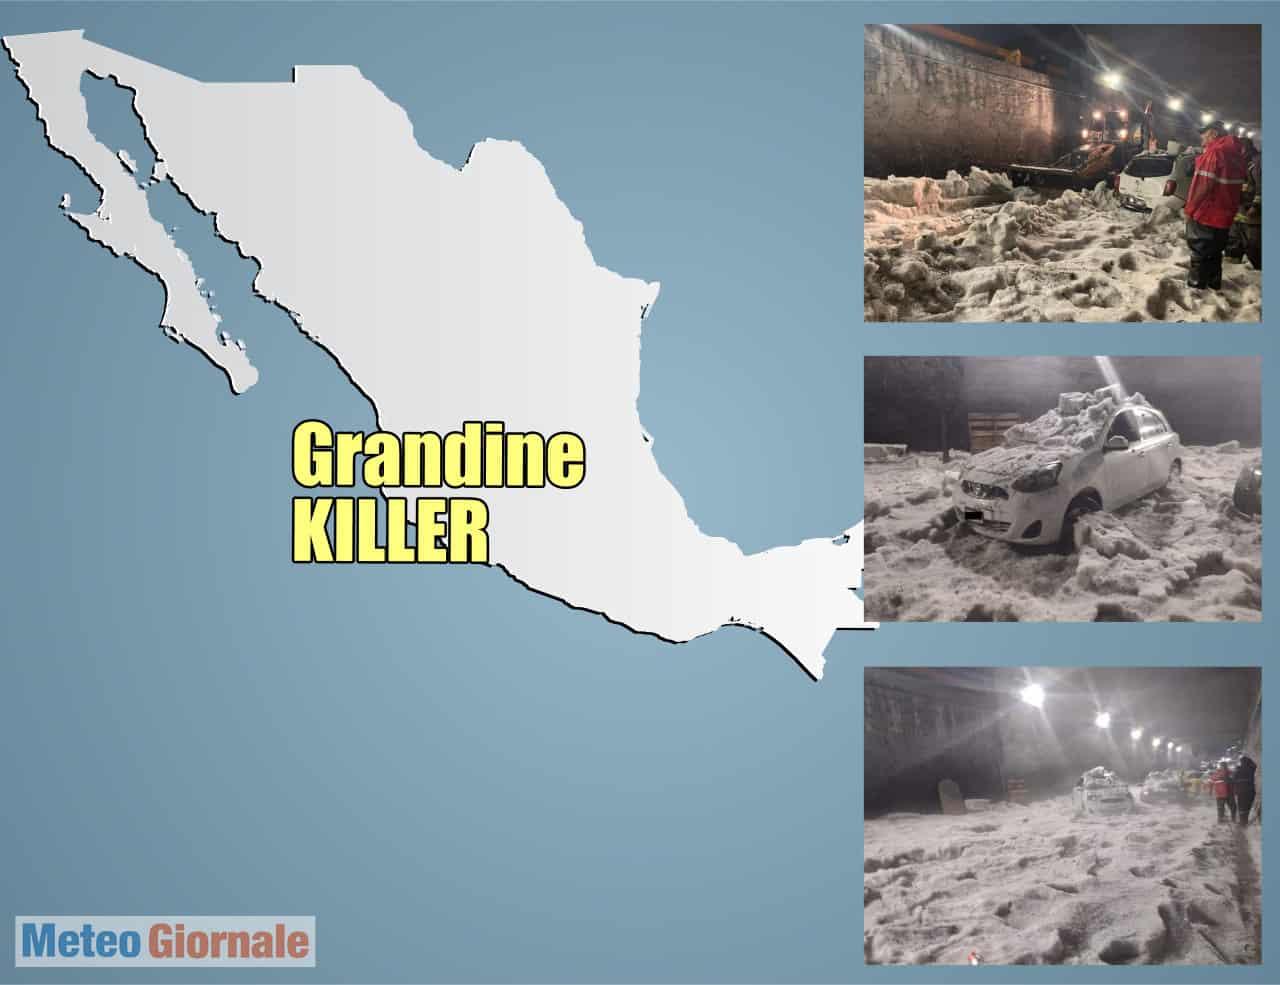 grandine messico 01 - Grandinata intrappola e uccide di ipotermia un uomo in Messico. Foto